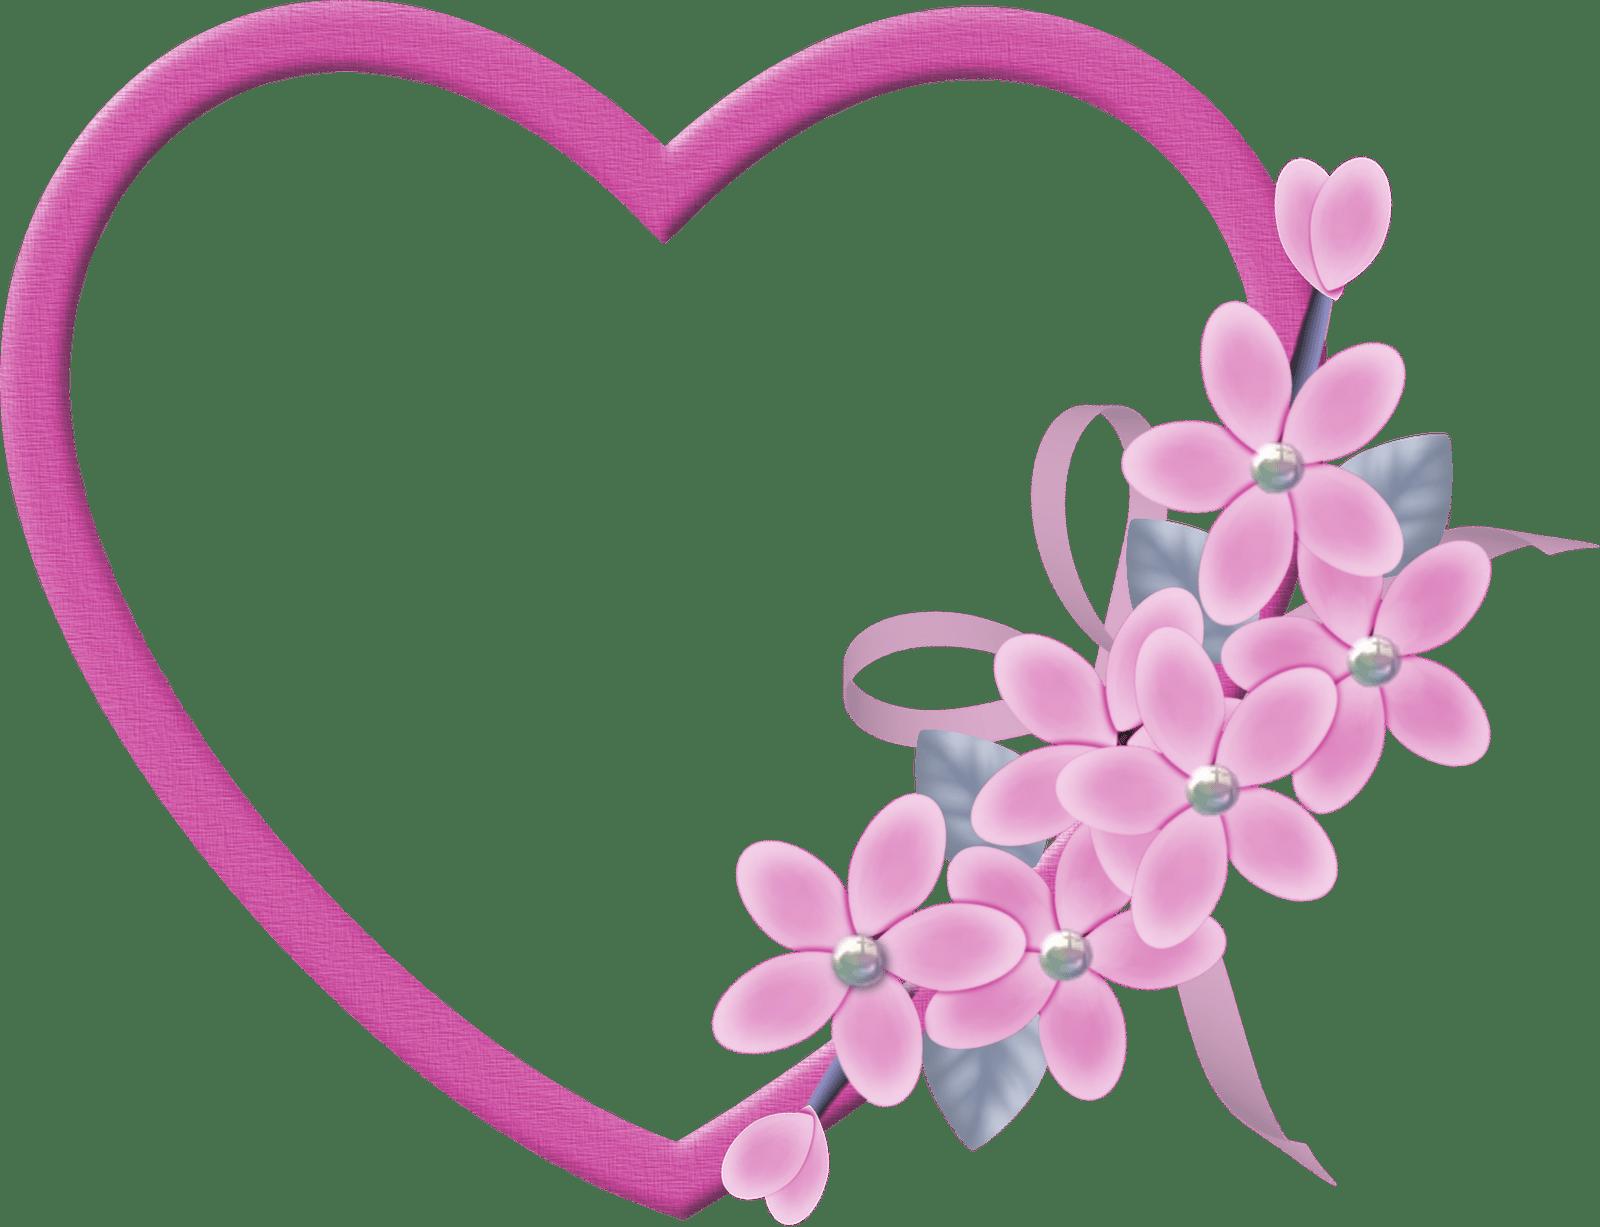 Moldura Coração Dia Das Mães Png Clipart.